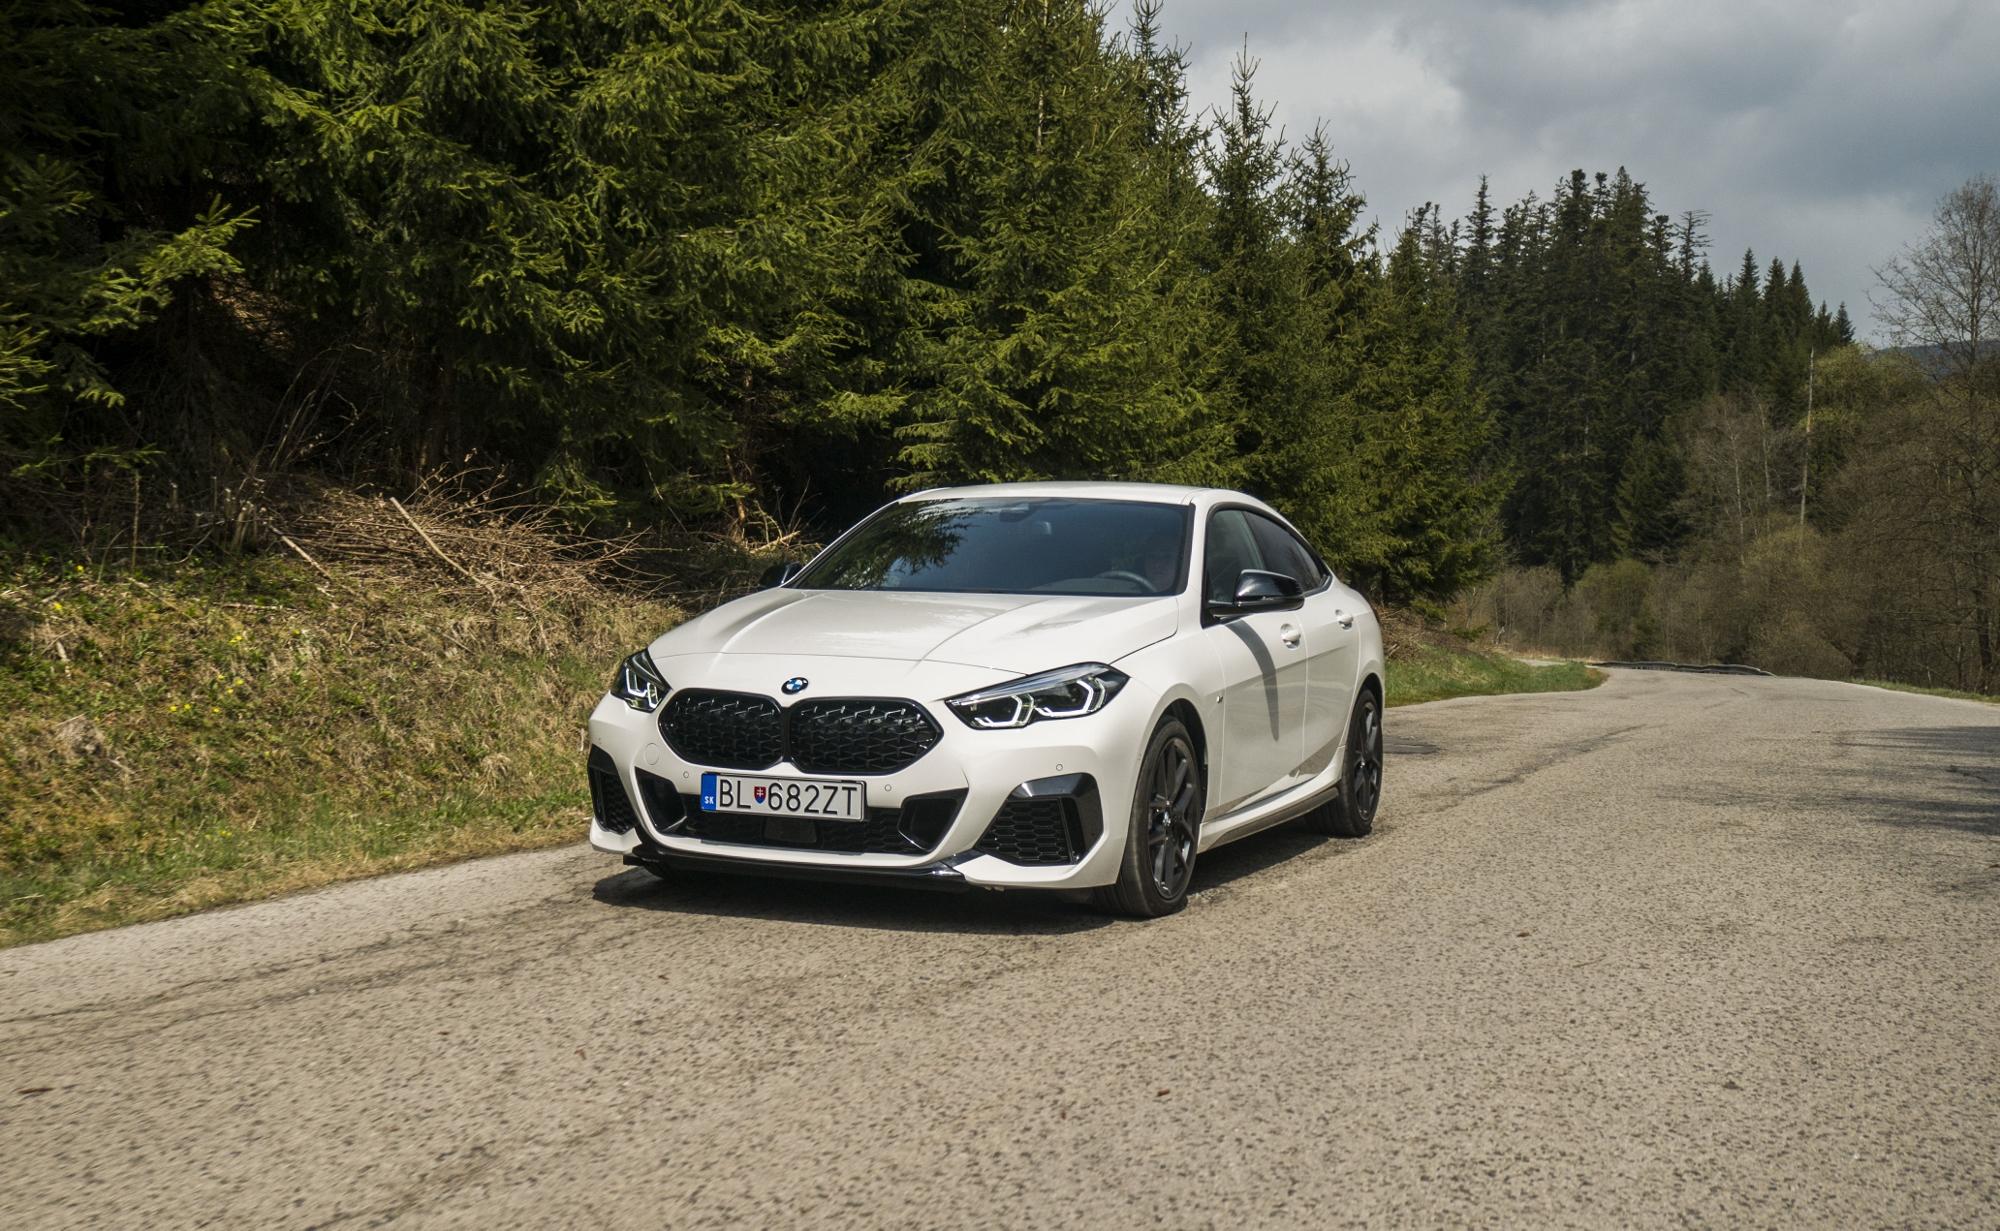 BMW Gran Coupé 235i xDrive spája eleganciu a dynamiku v zákrutách